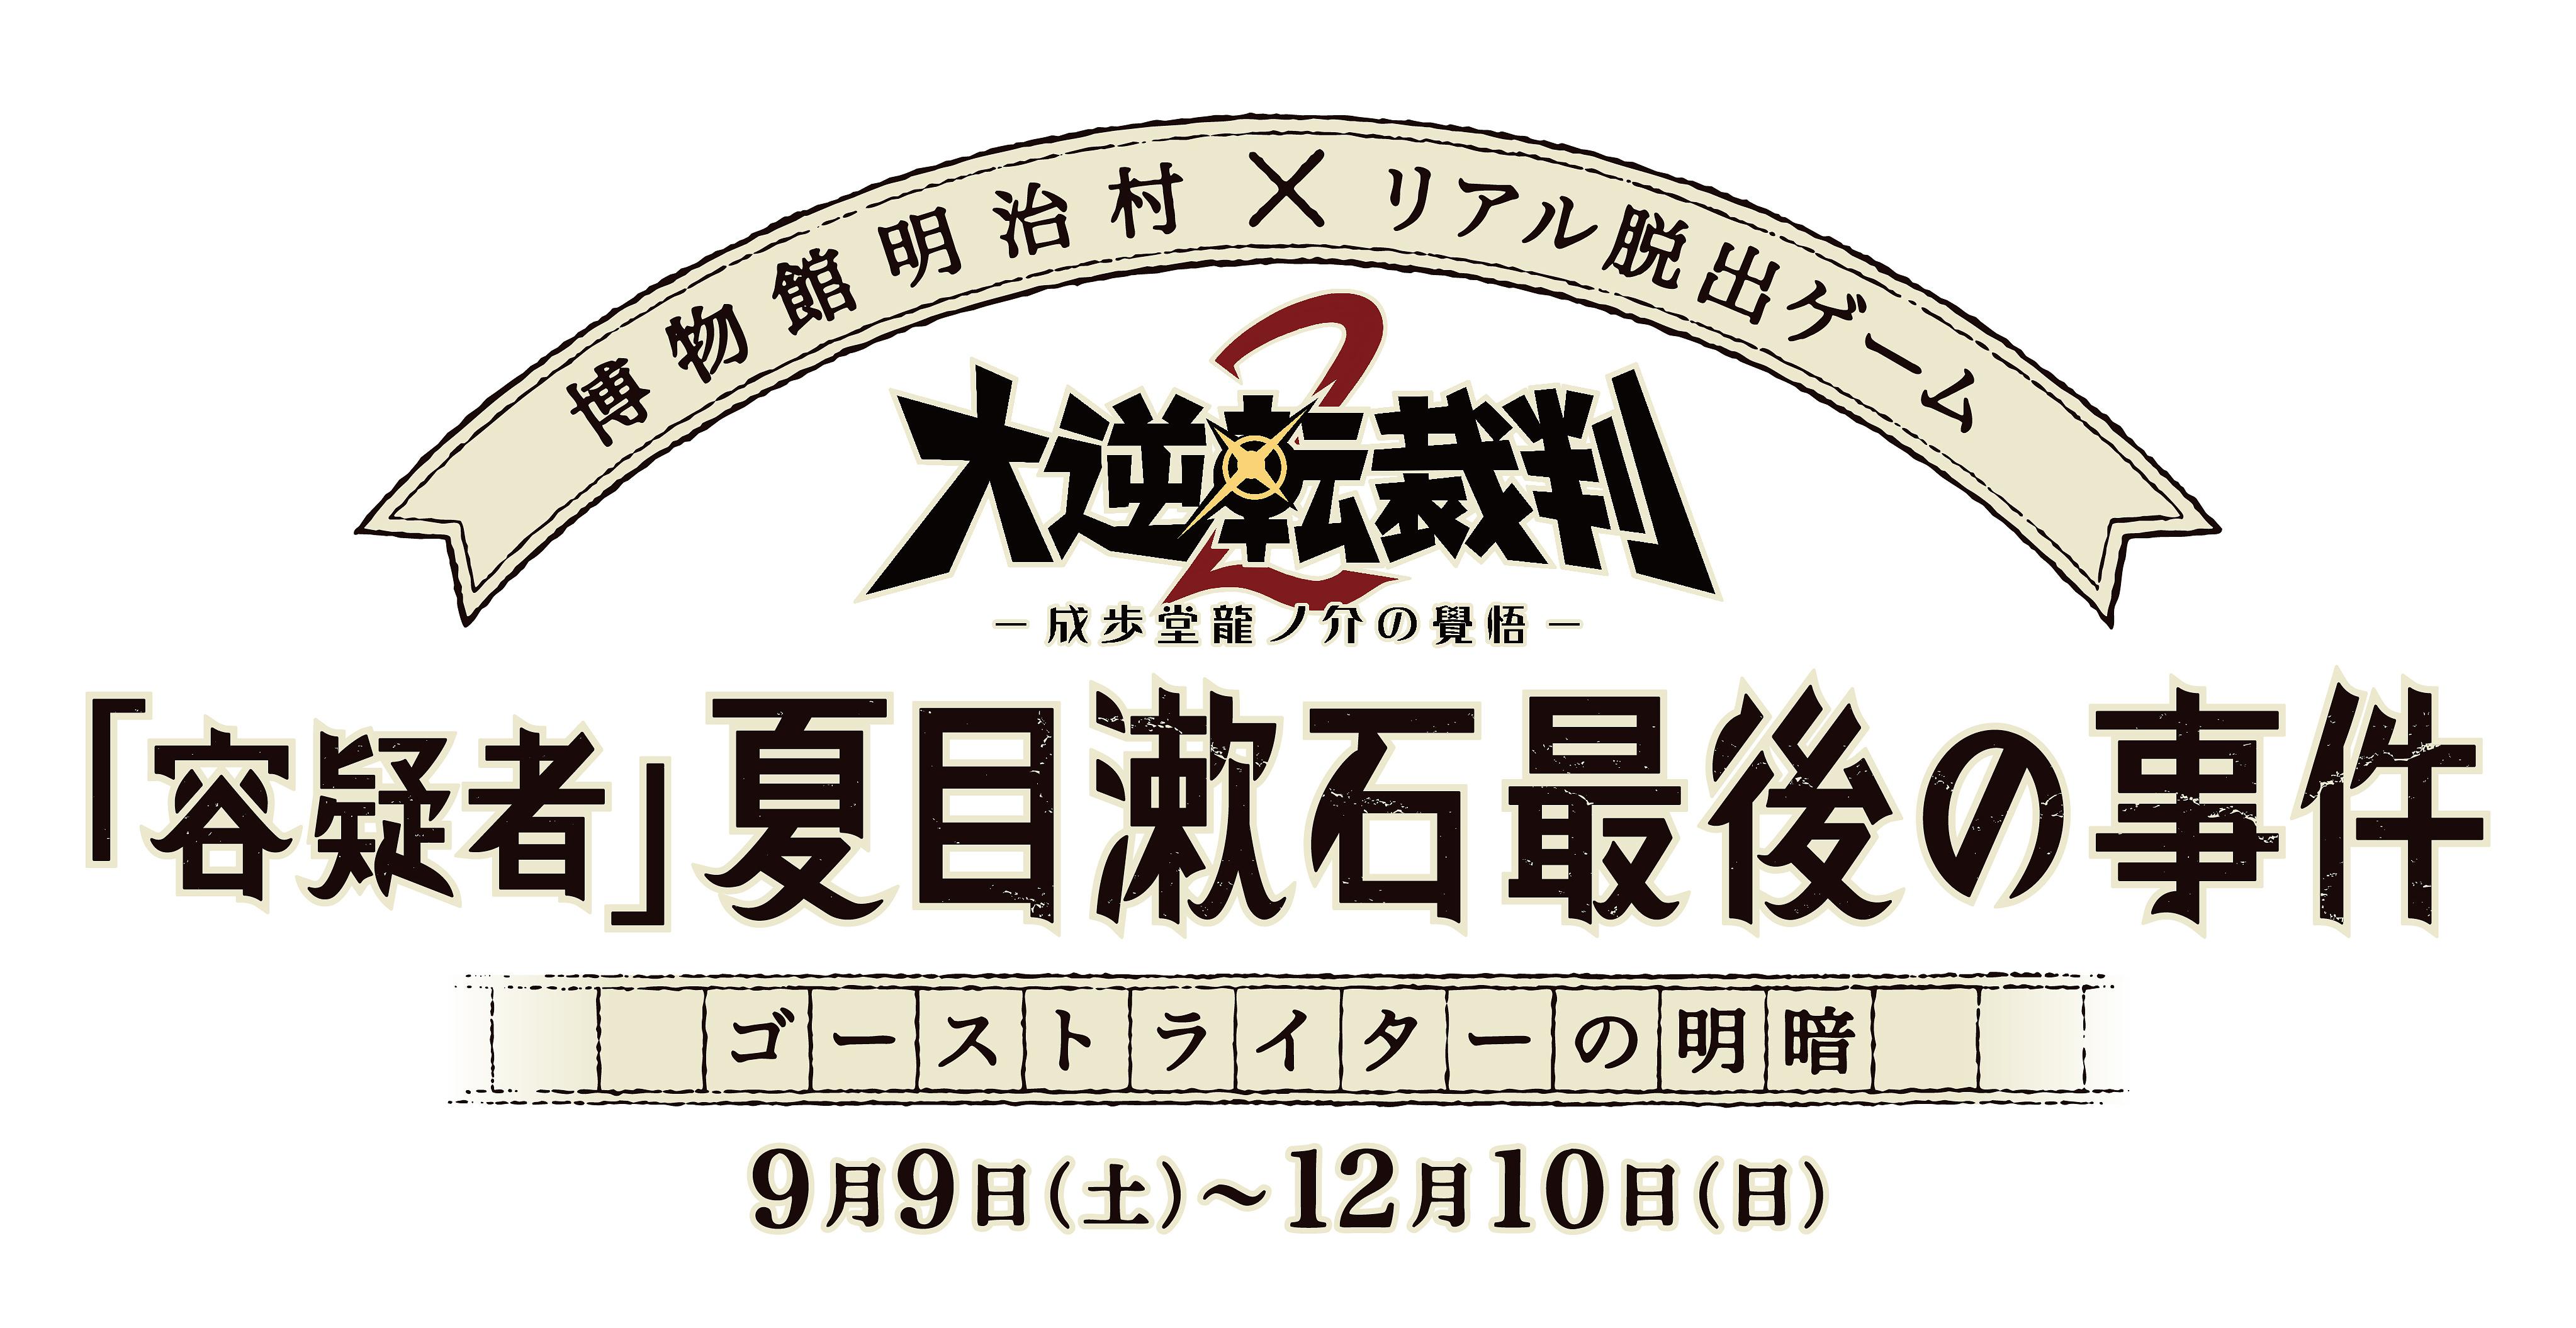 https://www.atpress.ne.jp/releases/131654/img_131654_1.jpg